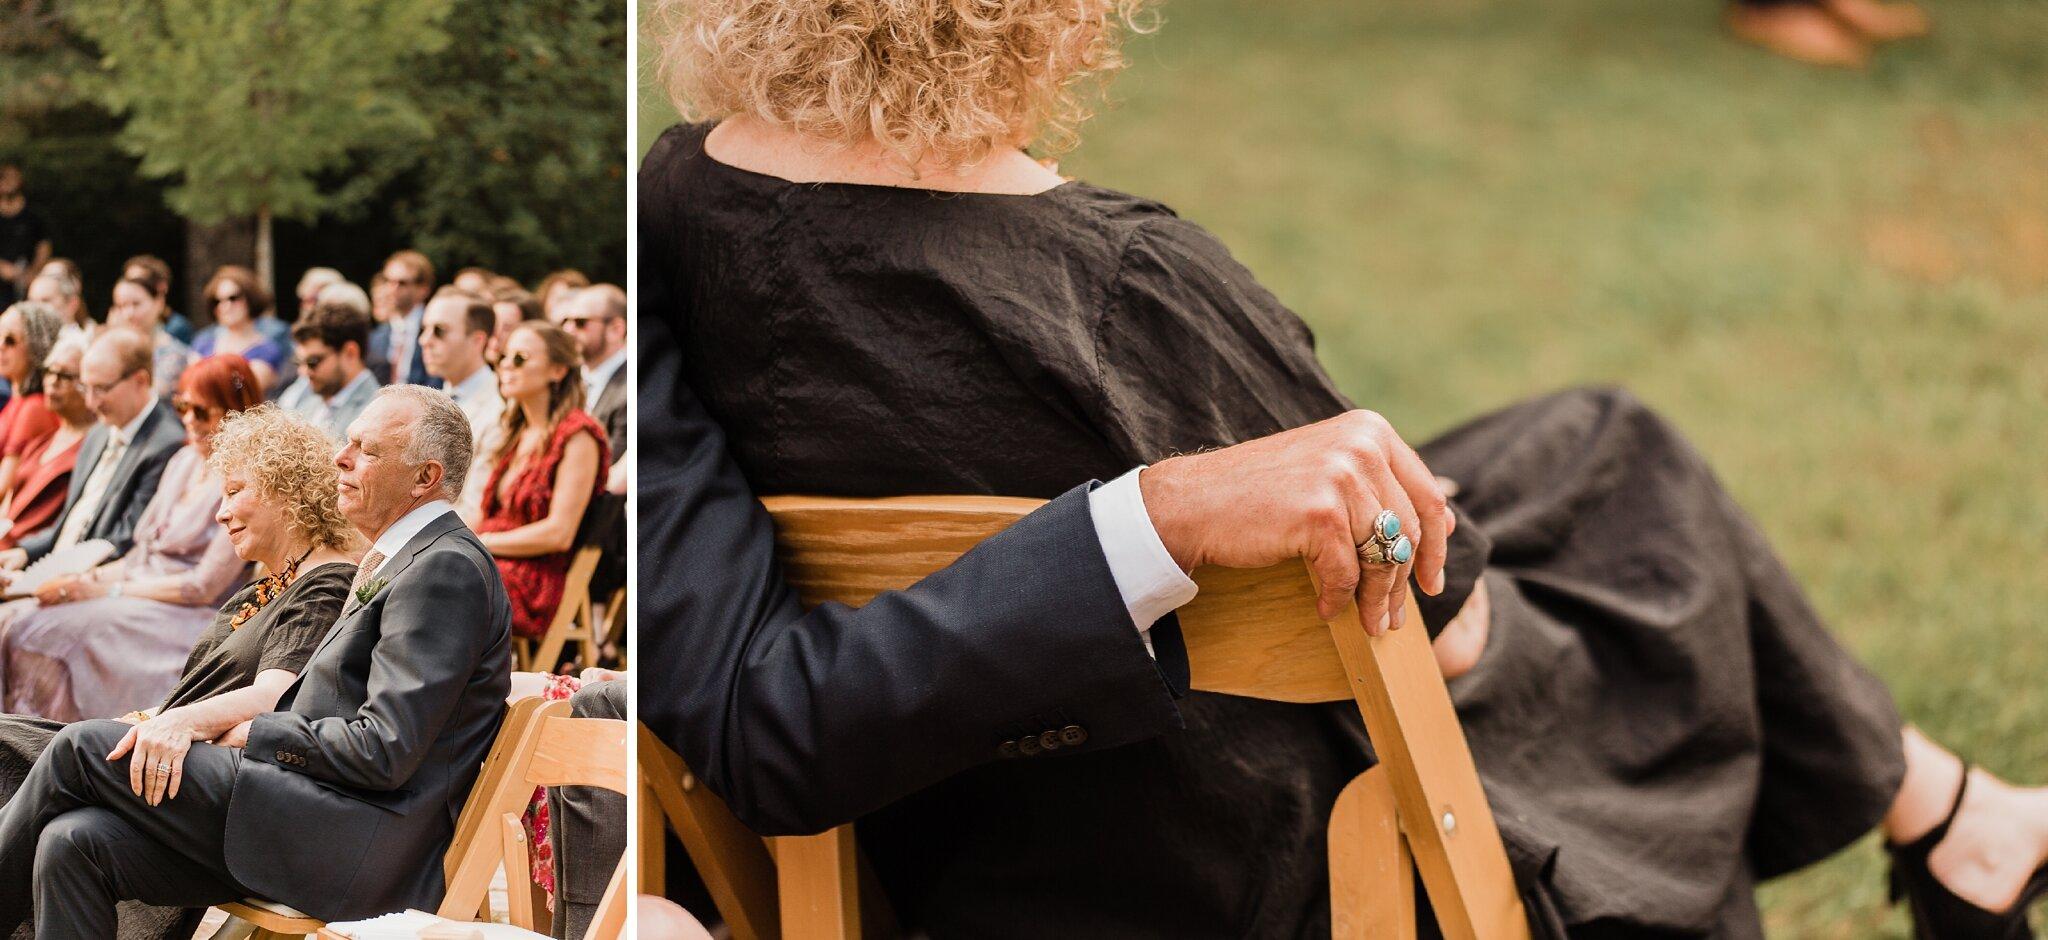 Alicia+lucia+photography+-+albuquerque+wedding+photographer+-+santa+fe+wedding+photography+-+new+mexico+wedding+photographer+-+new+mexico+wedding+-+wedding+-+albuquerque+wedding+-+los+poblanos+-+los+poblanos+wedding+-+fall+wedding_0061.jpg